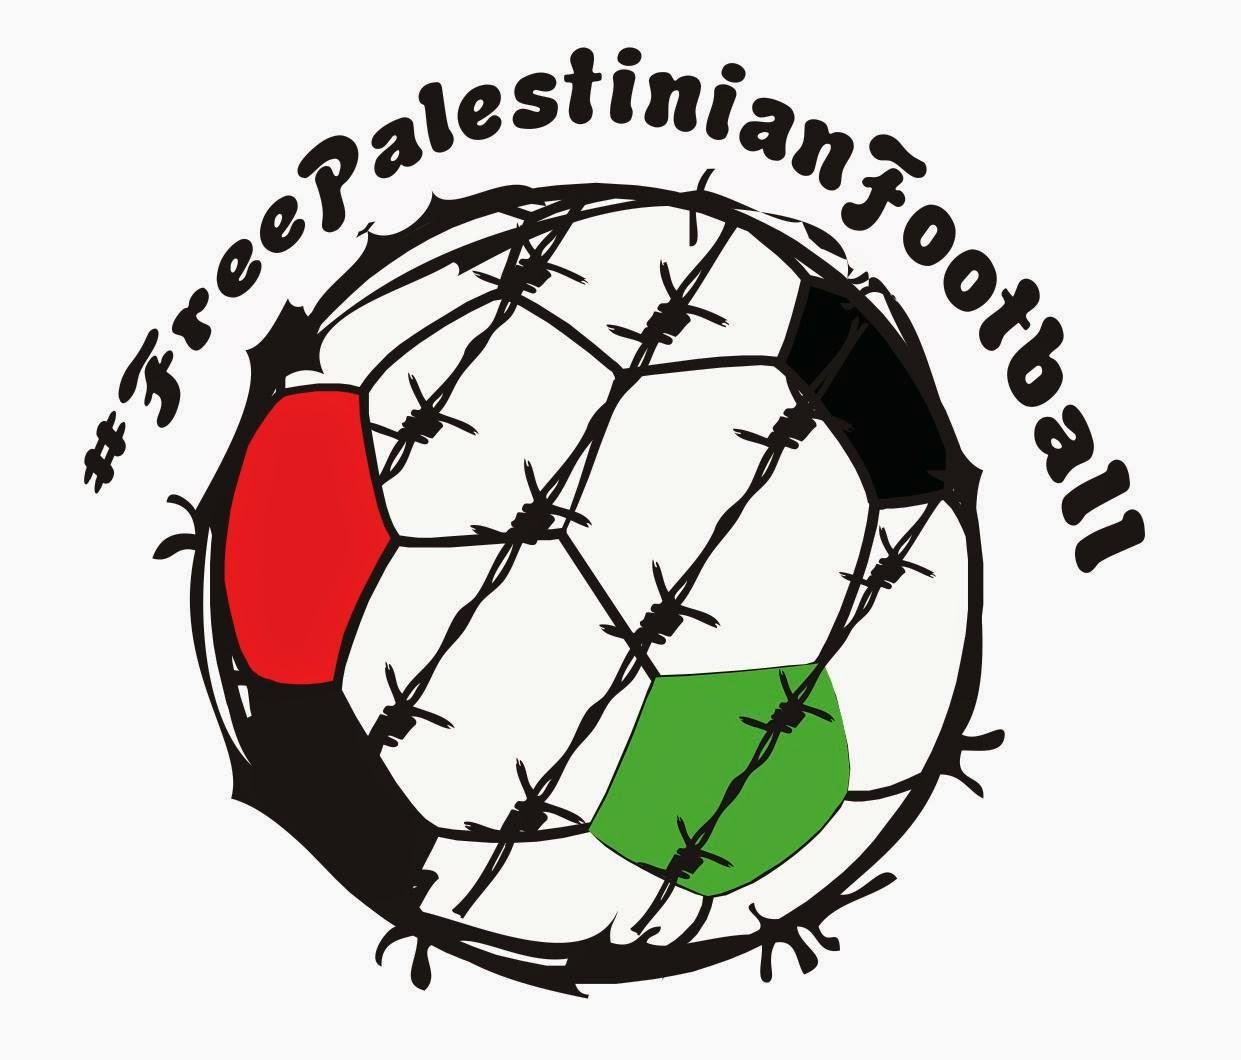 Futebol Palestino Livre - Free Palestinian Football